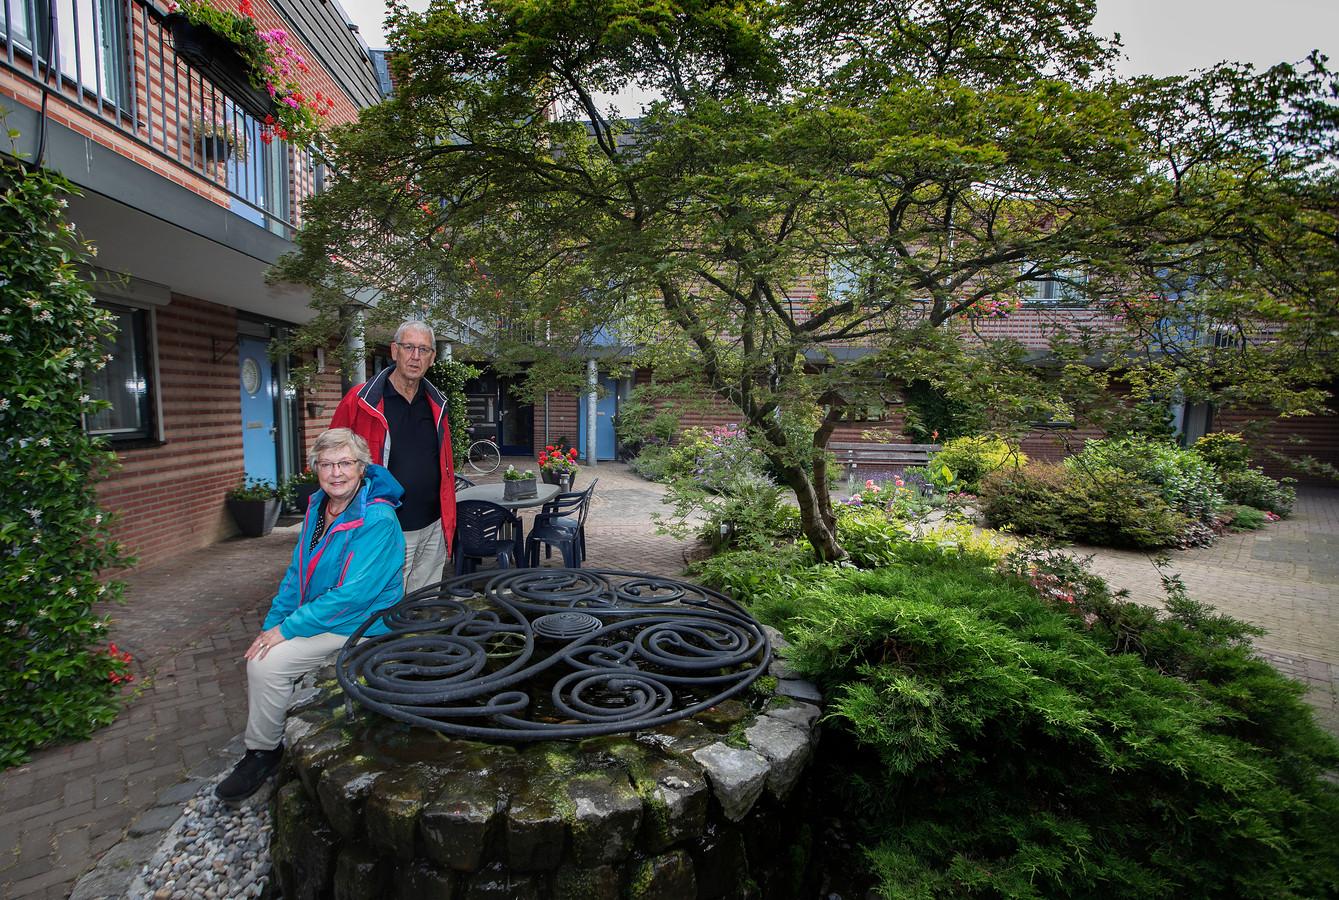 Bep en Wim van Stipdonk bij de replica van de put uit de vroege middeleeuwen.